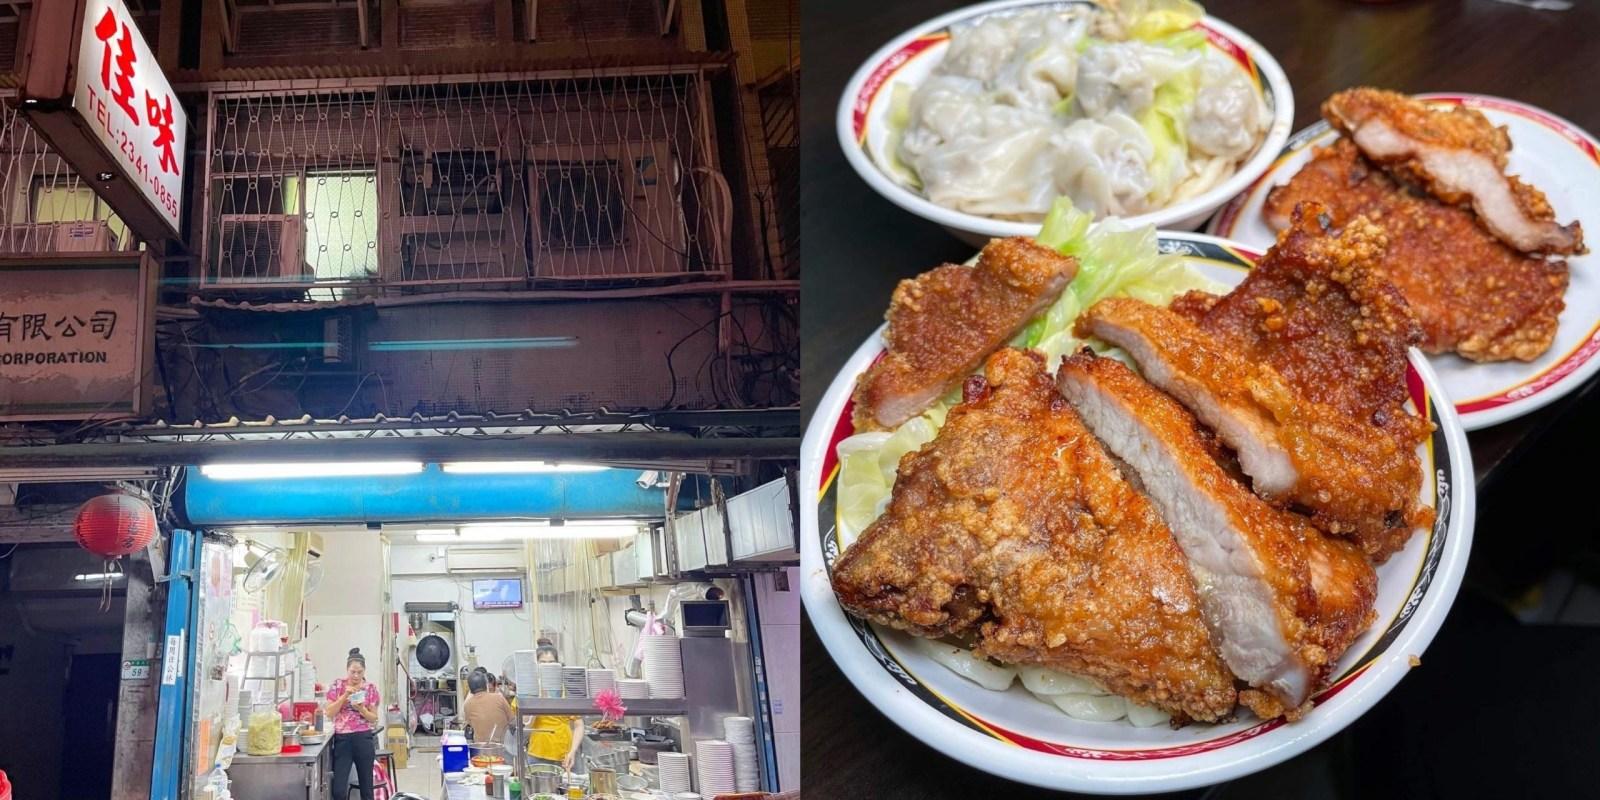 [台北美食] 佳味排骨麵 - 超厚實的排骨超乎你對排骨的想像!